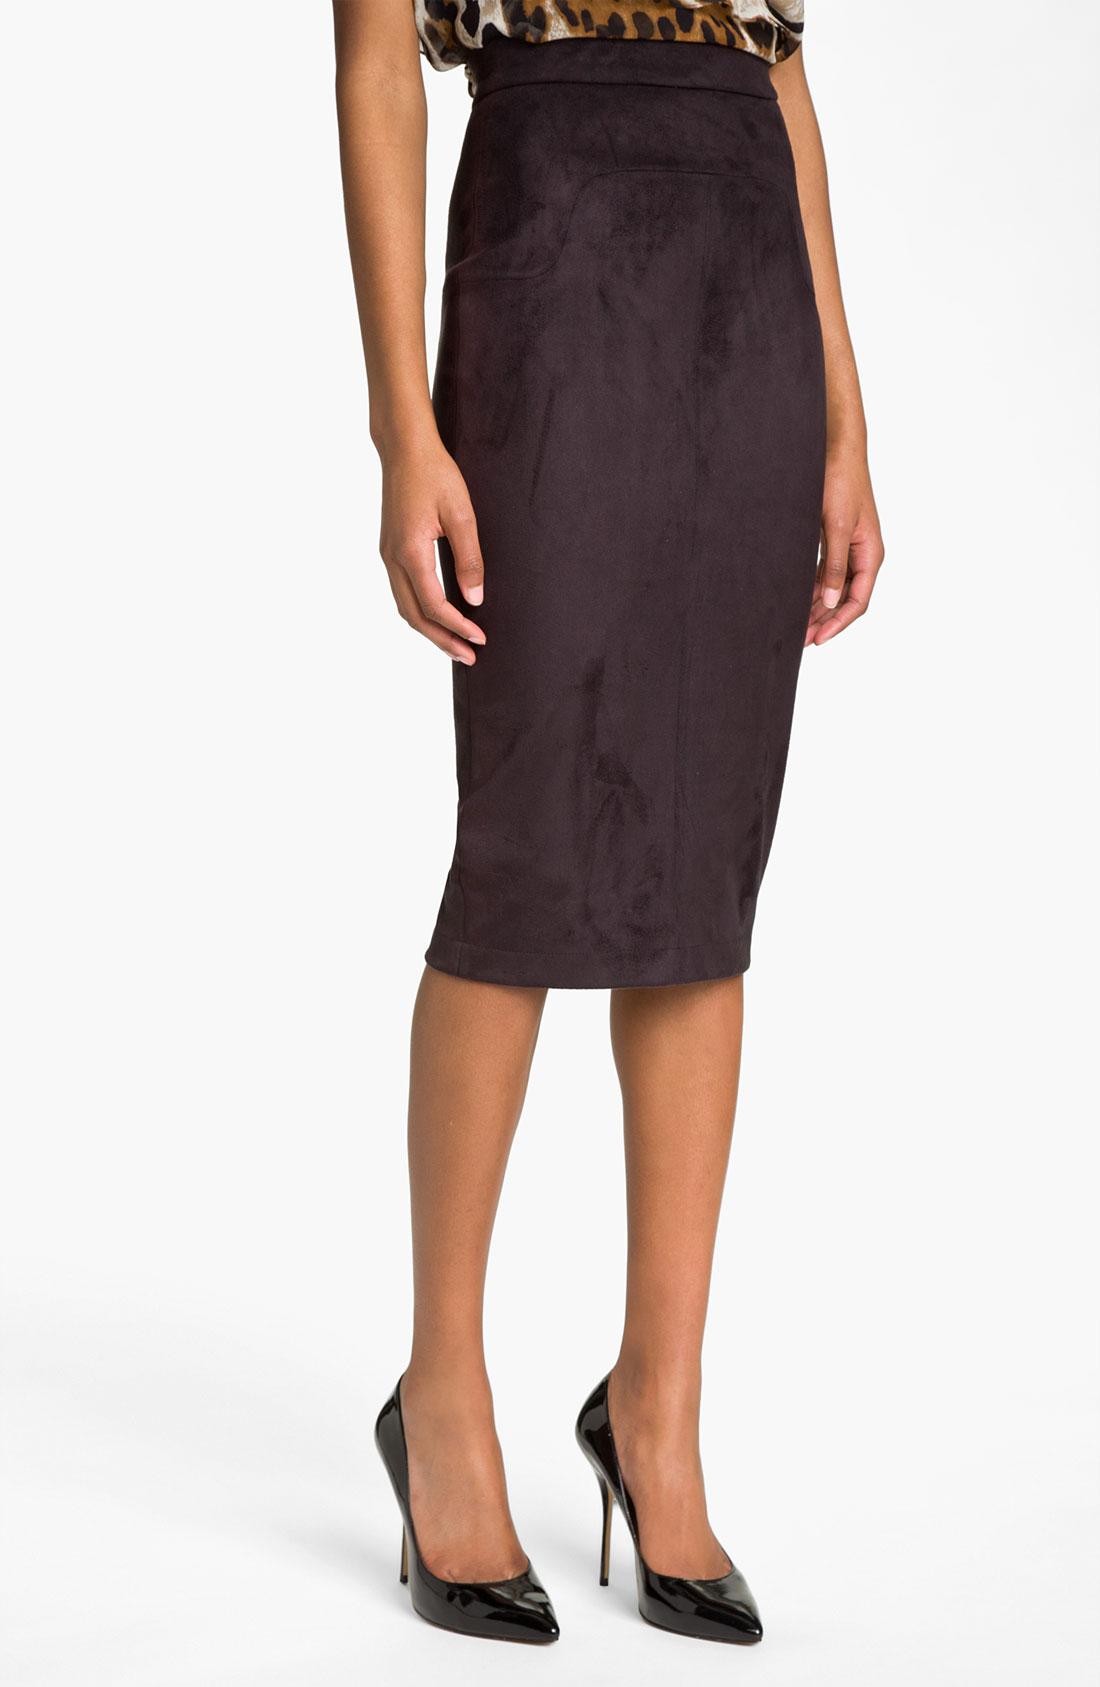 robert rodriguez high waist pencil skirt in gray black